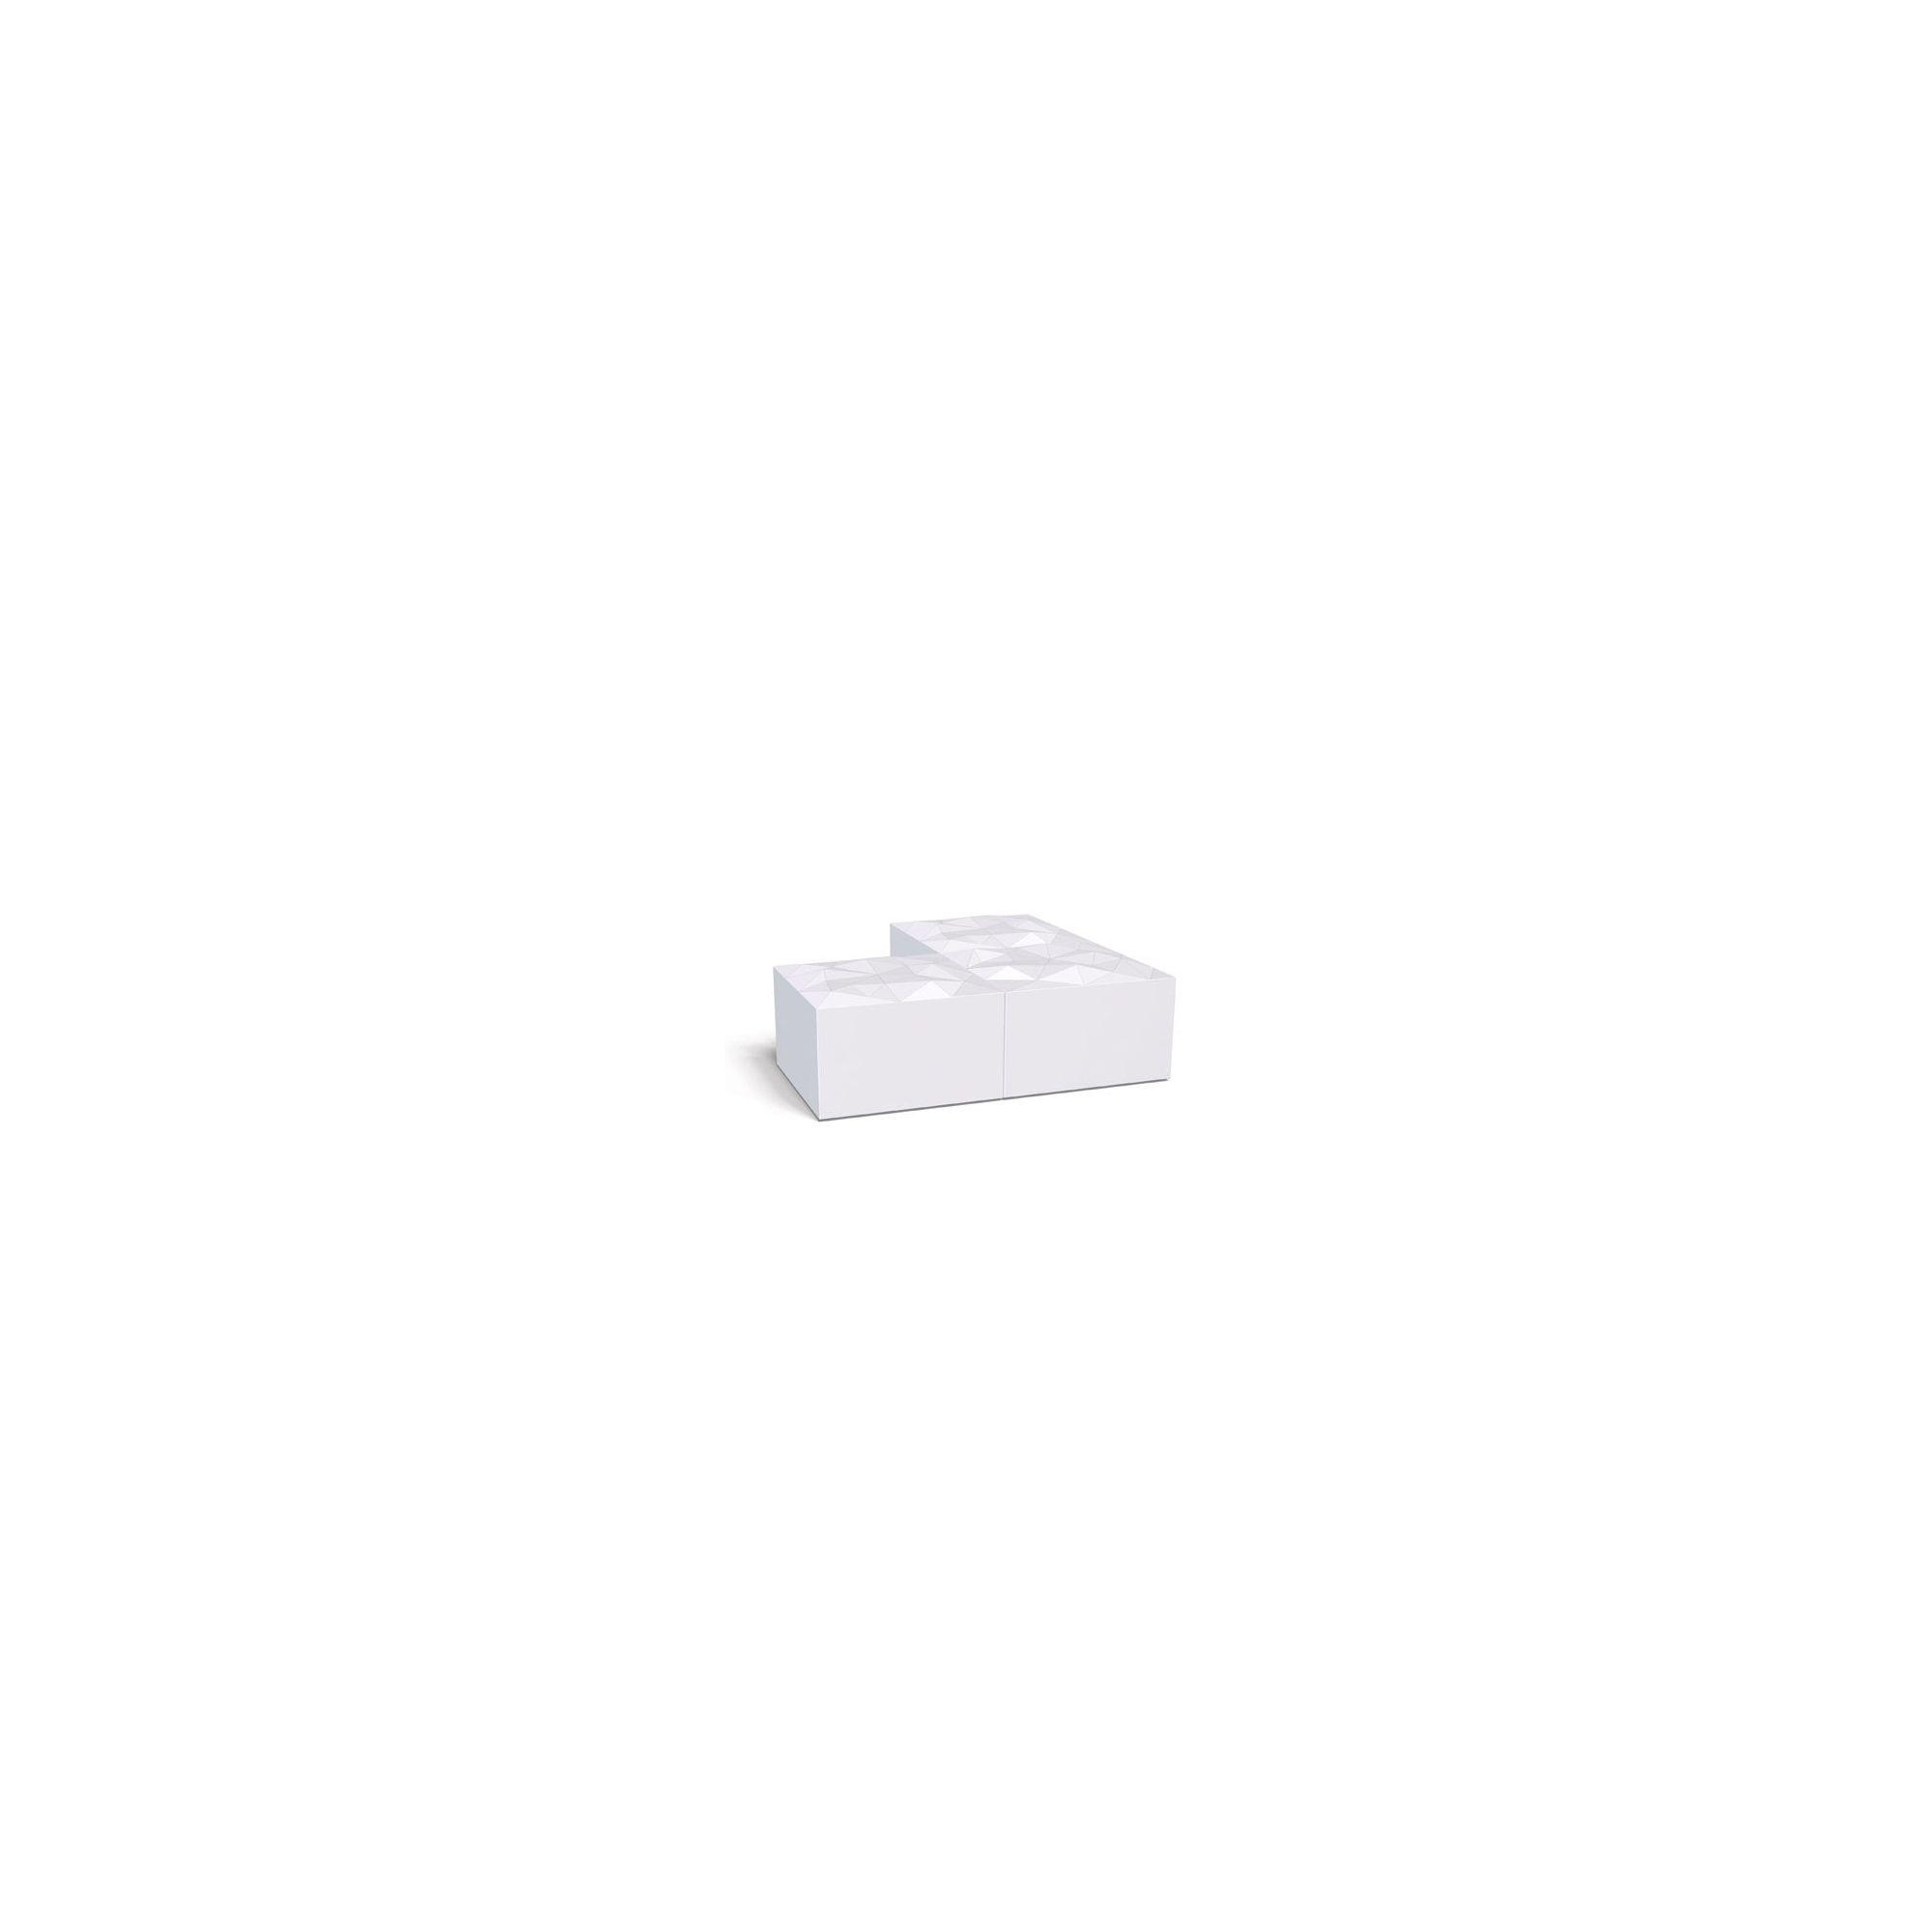 COVO Angolo Pouffe - White at Tesco Direct